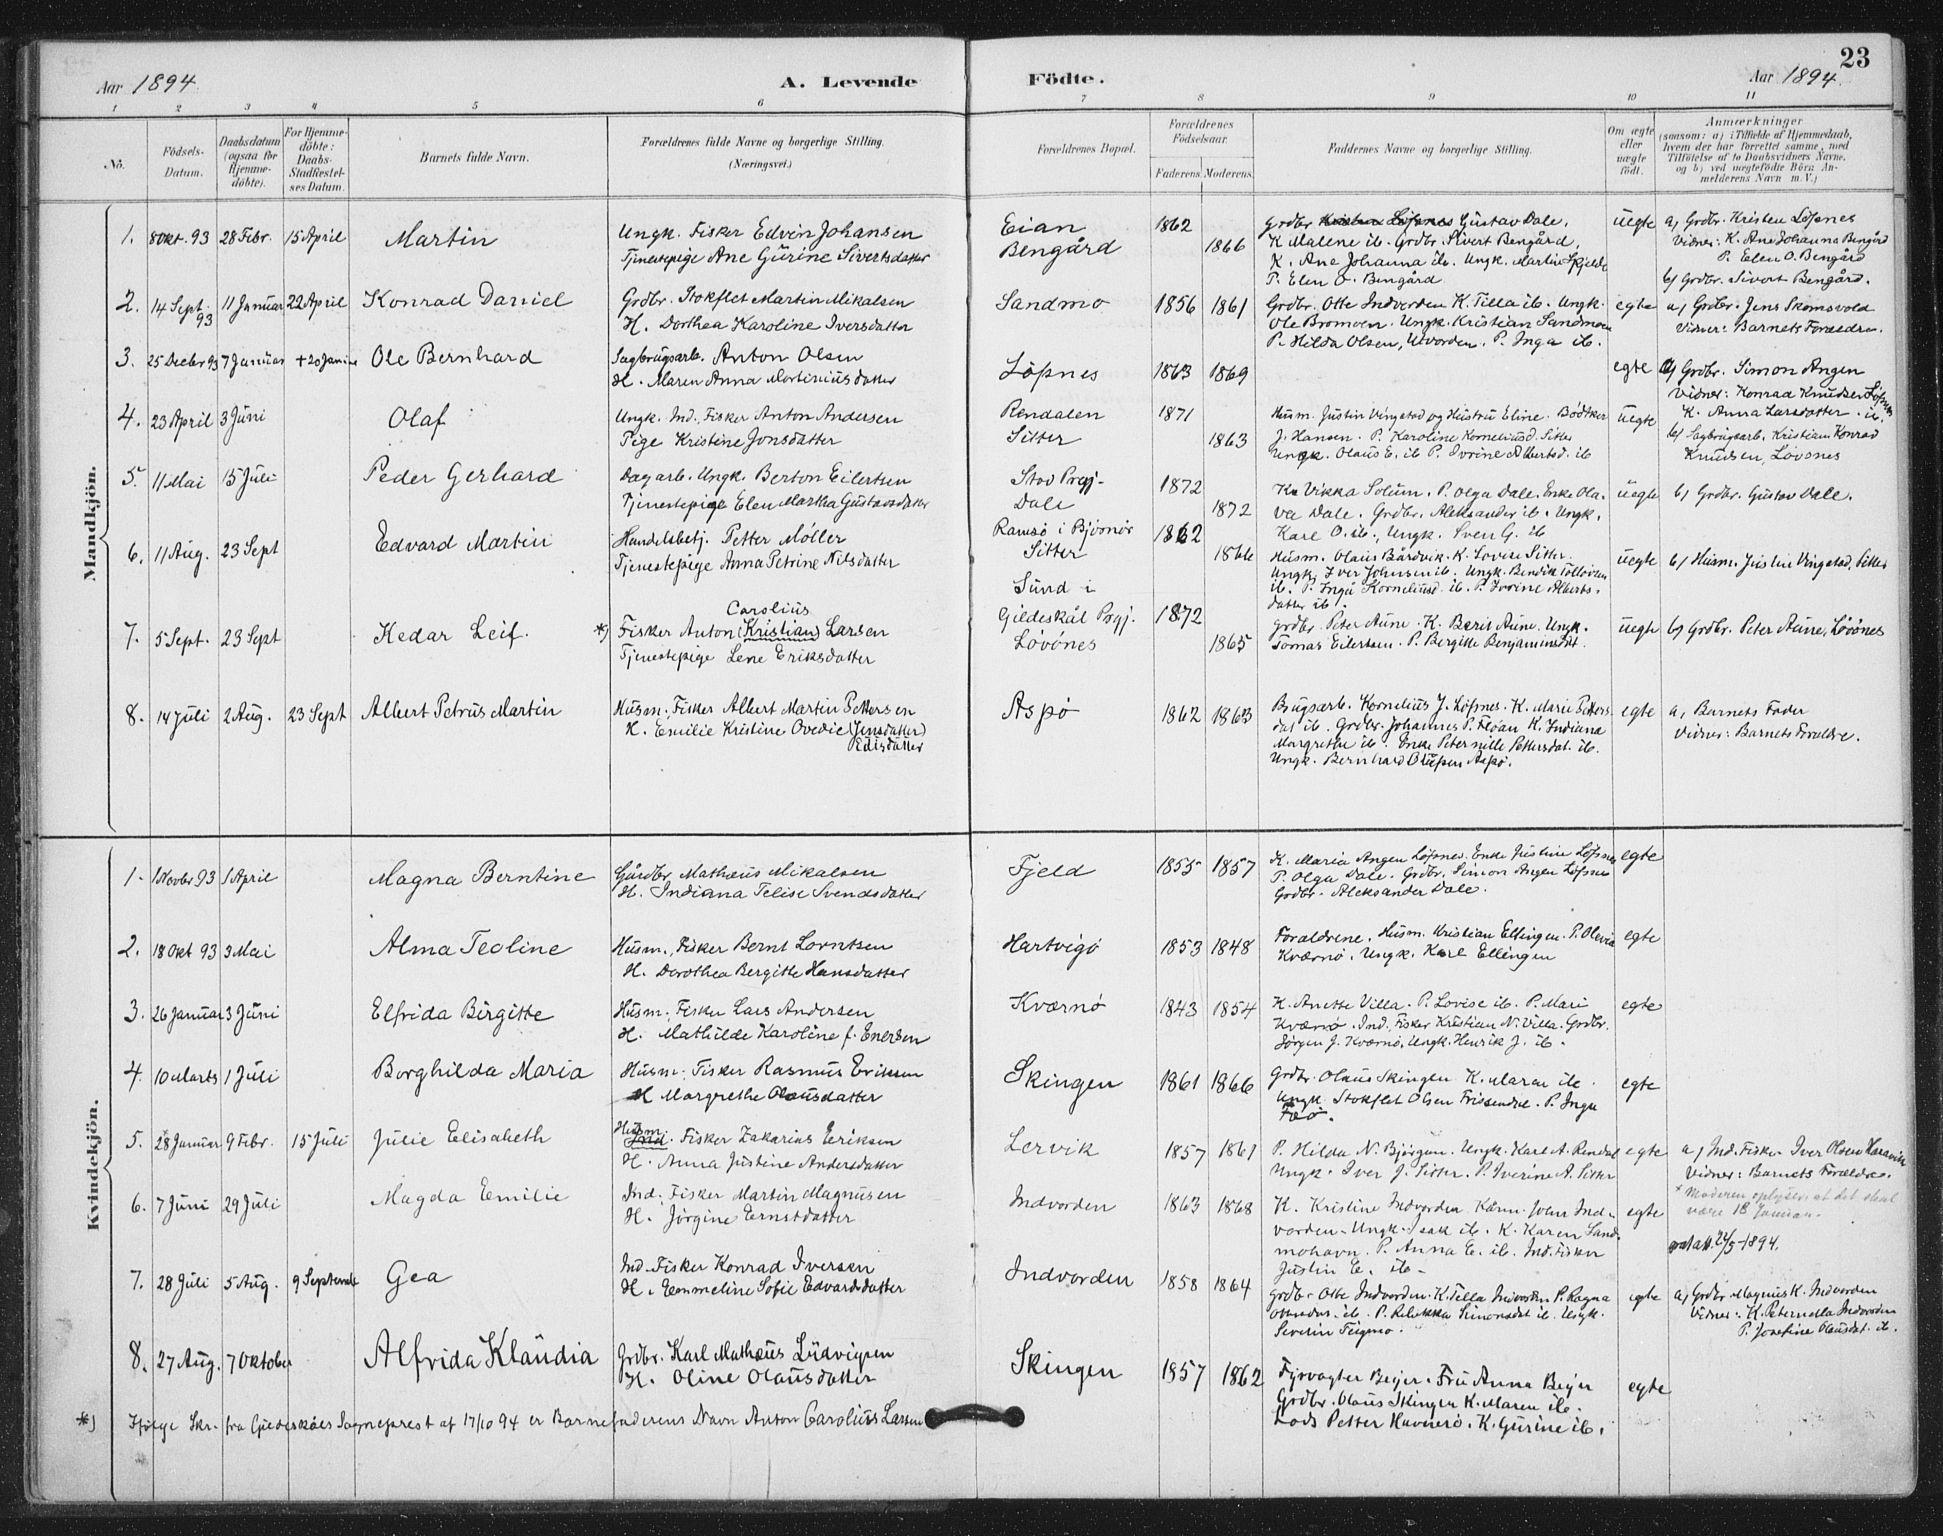 SAT, Ministerialprotokoller, klokkerbøker og fødselsregistre - Nord-Trøndelag, 772/L0603: Ministerialbok nr. 772A01, 1885-1912, s. 23